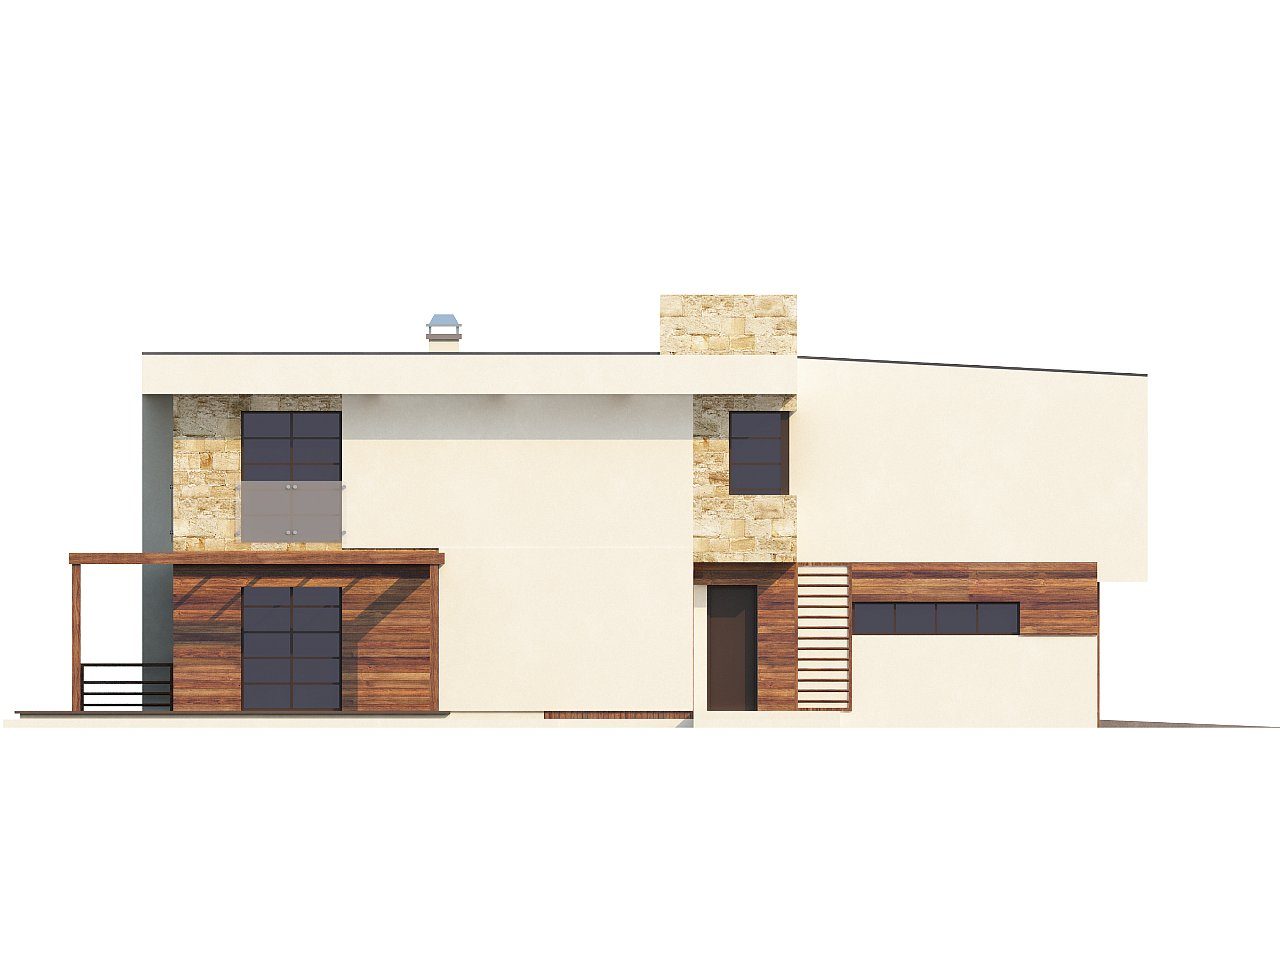 Двухэтажный дома в стиле модерн с практичным интерьером и гаражом для двух автомобилей. 7